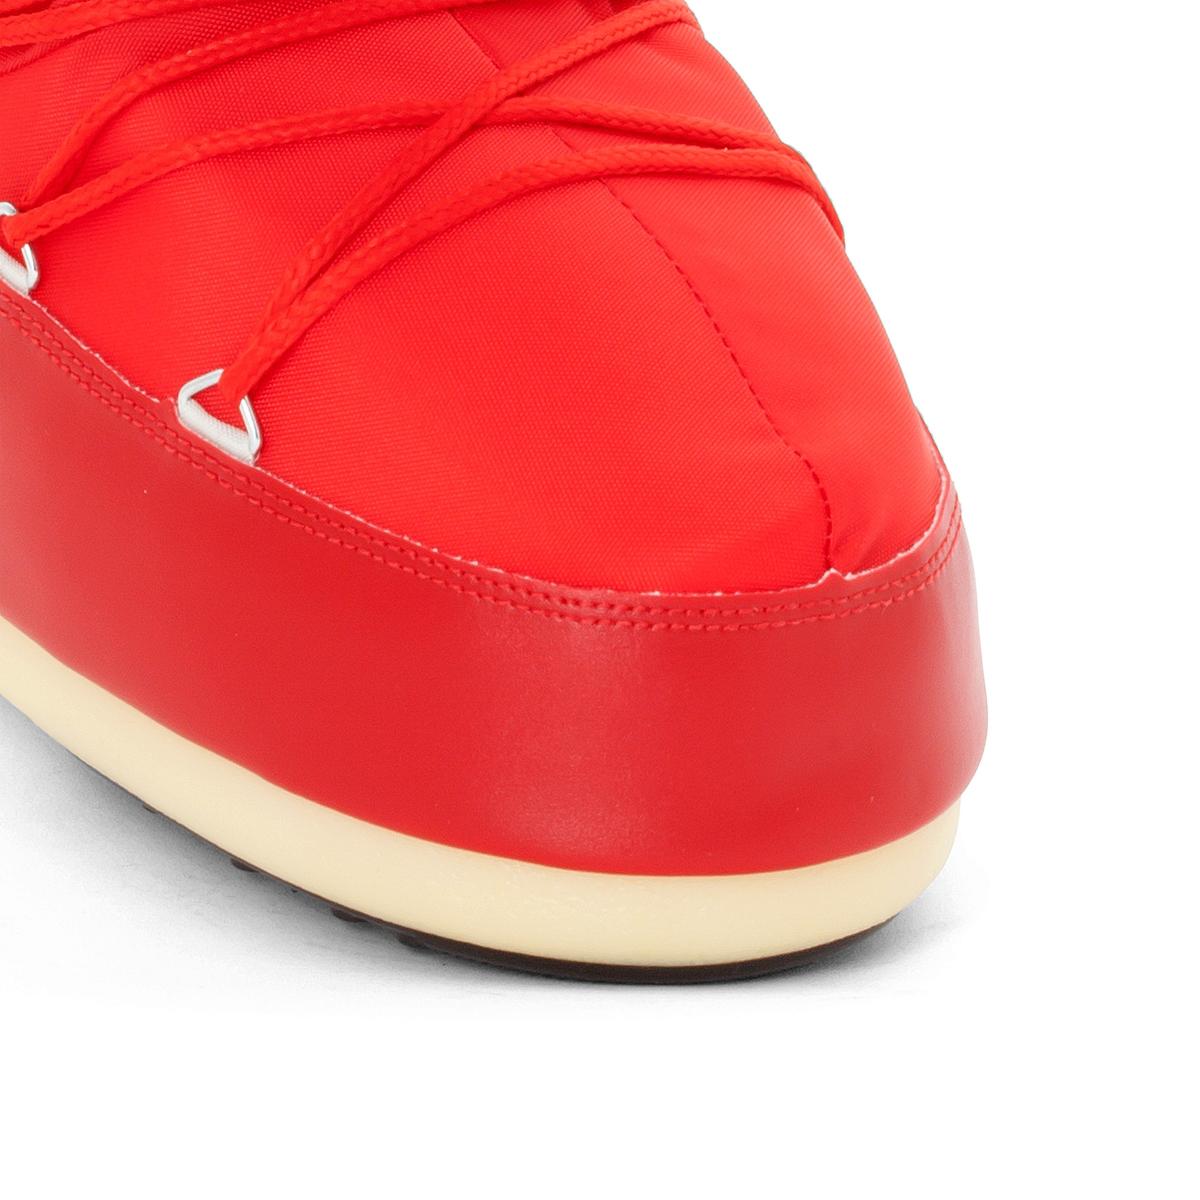 Сапоги NYLONВерх/Голенище : синтетика         Подкладка   : синтетика   Стелька : синтетика   Подошва   :    Форма каблука : плоский   Мысок : Закругленный   Застежка   : без застежки<br><br>Цвет: красный